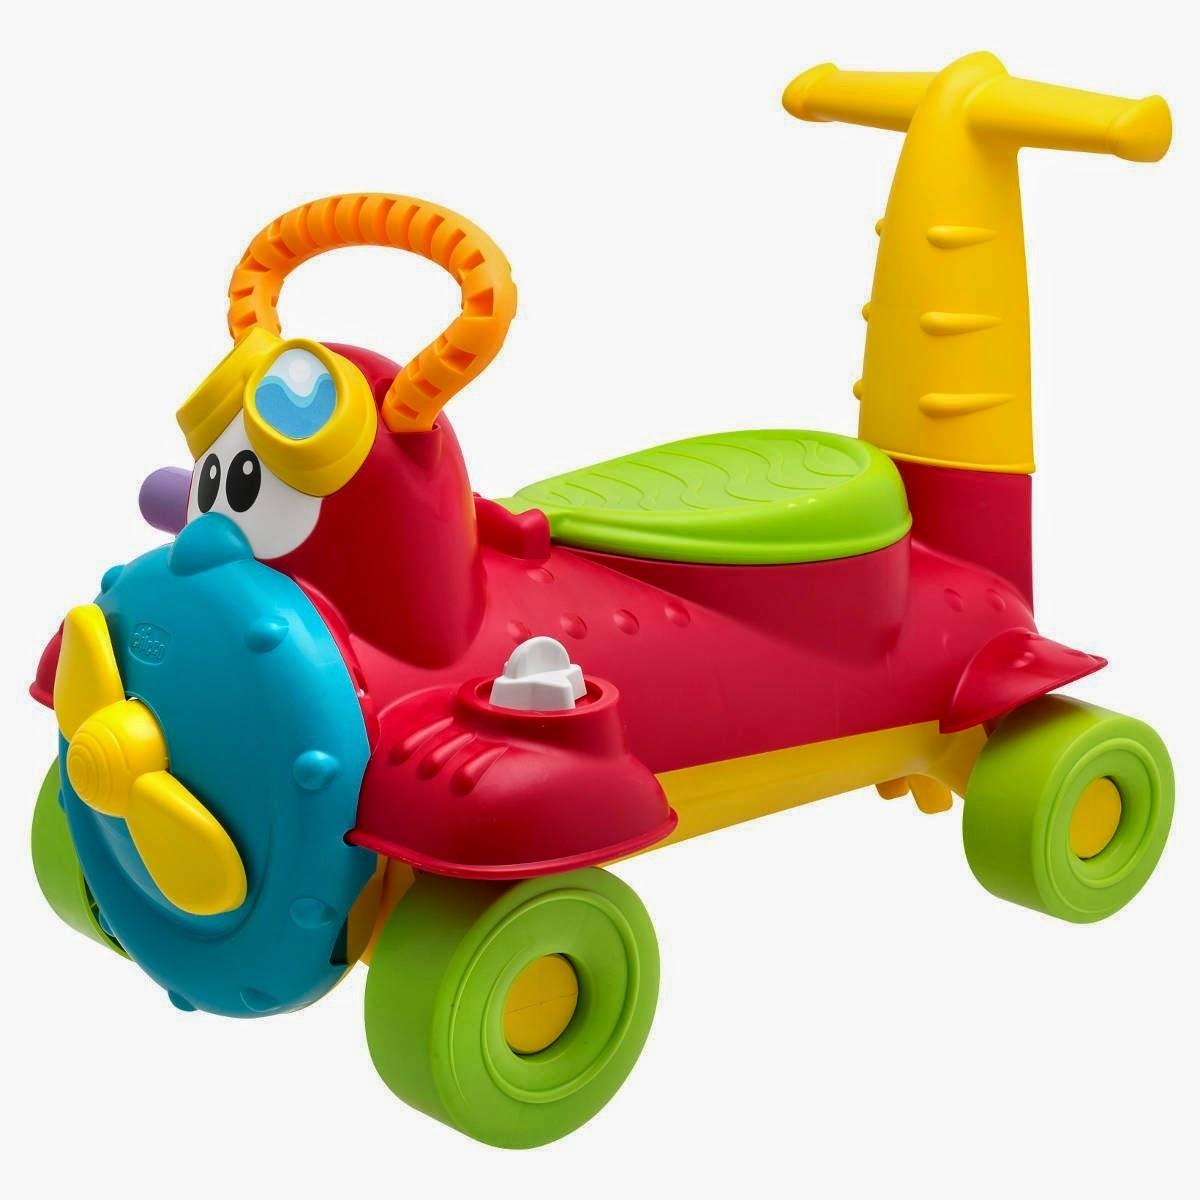 juguetes chicco: